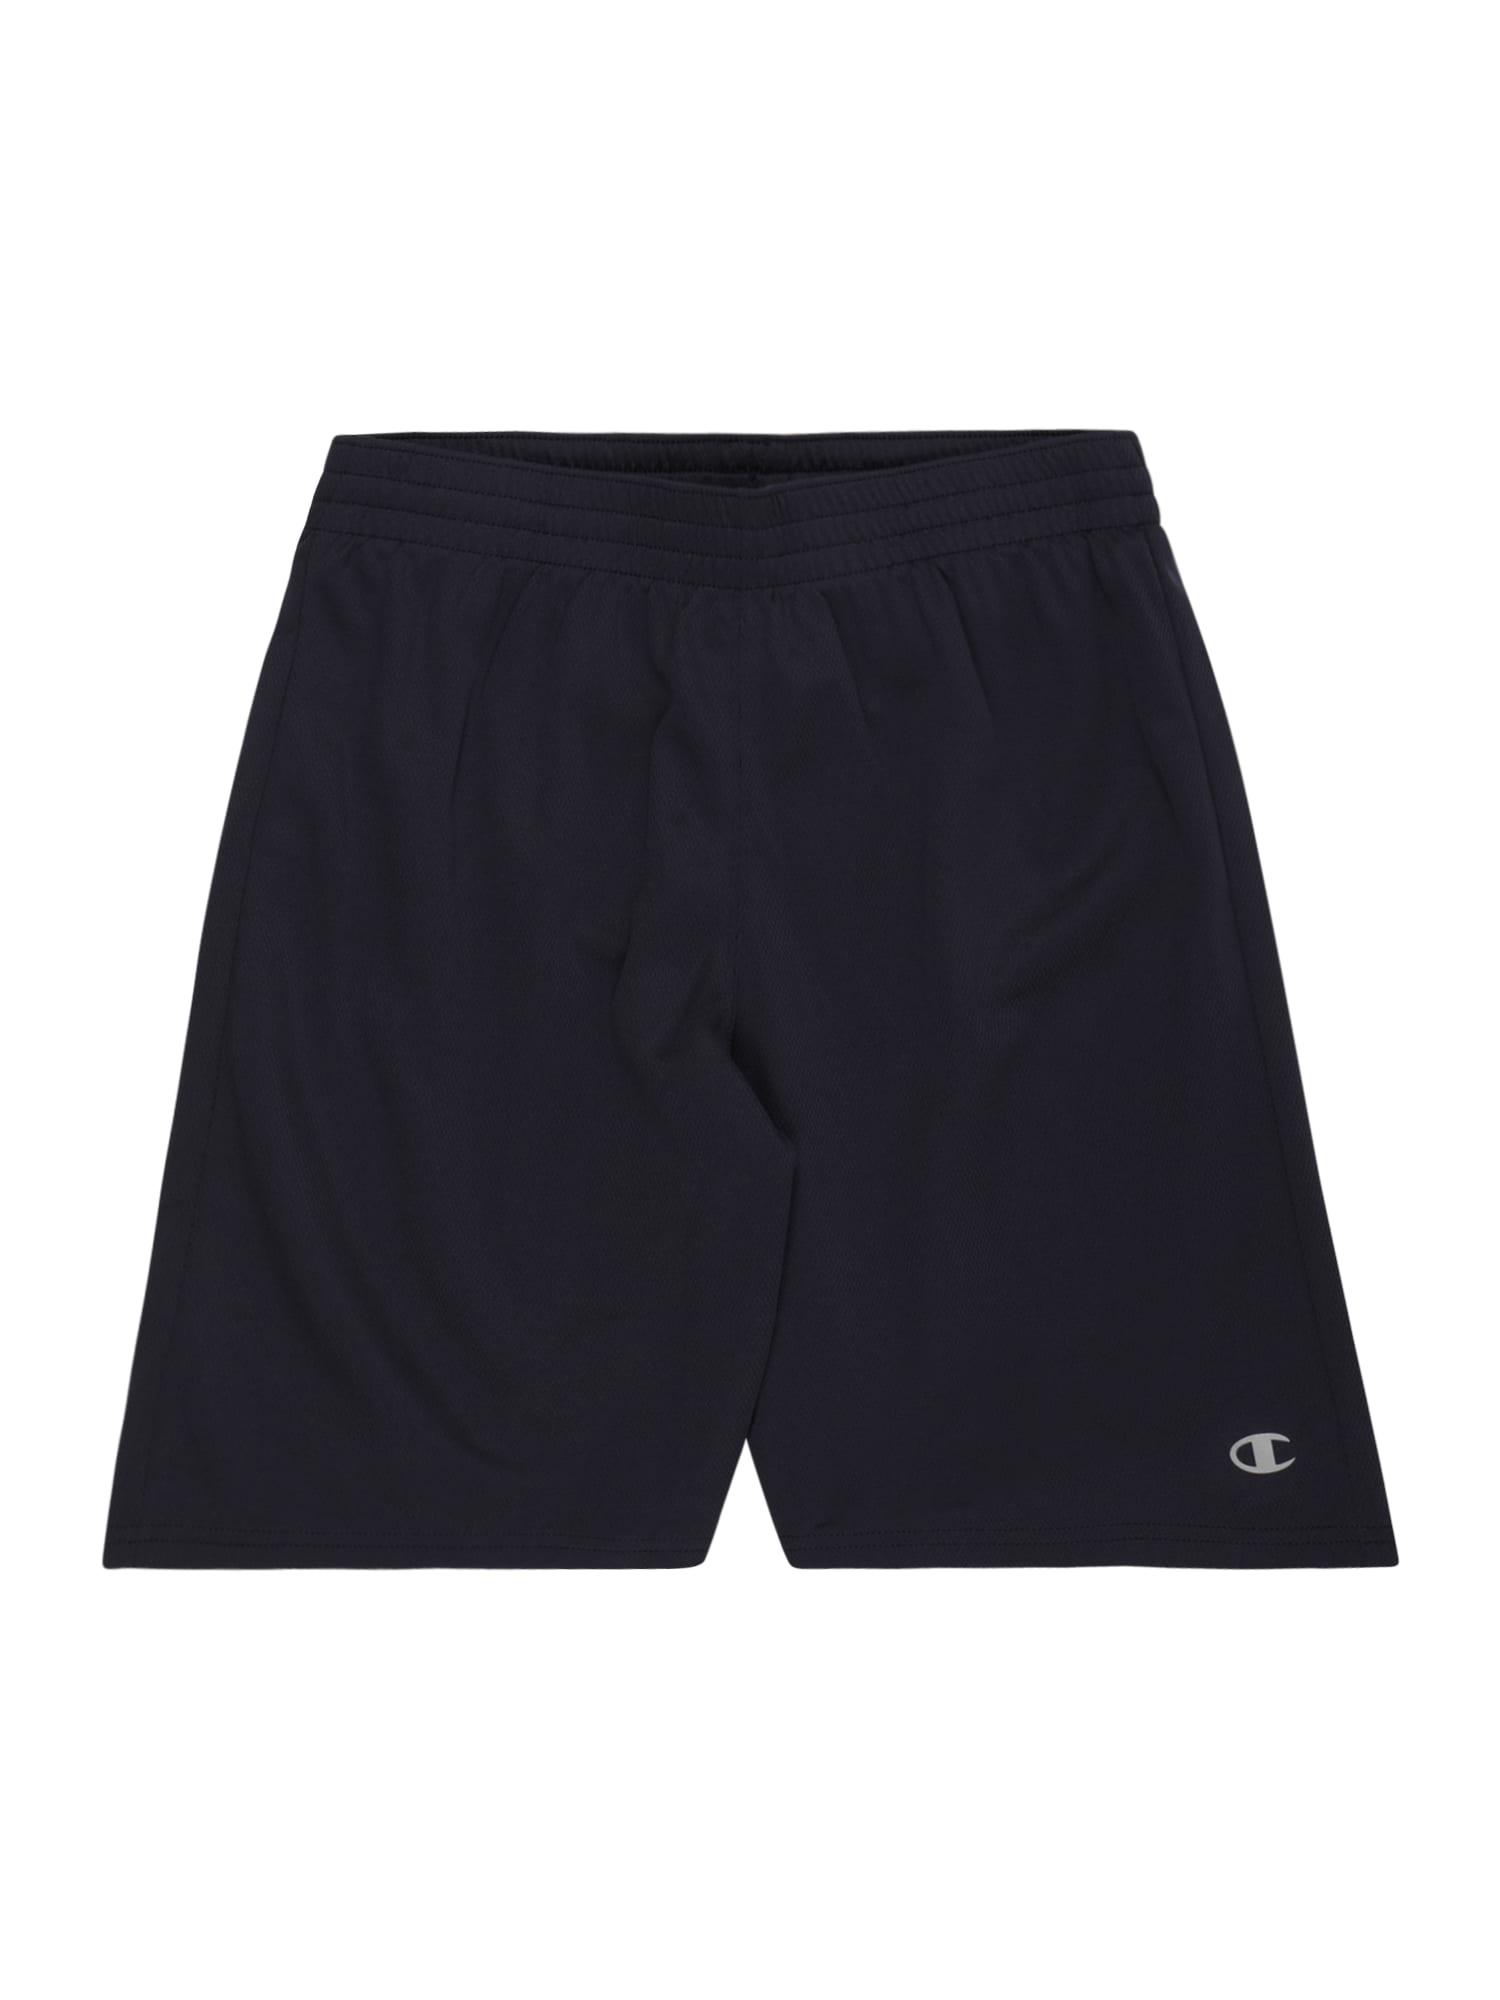 Champion Authentic Athletic Apparel Kelnės tamsiai mėlyna / šviesiai pilka